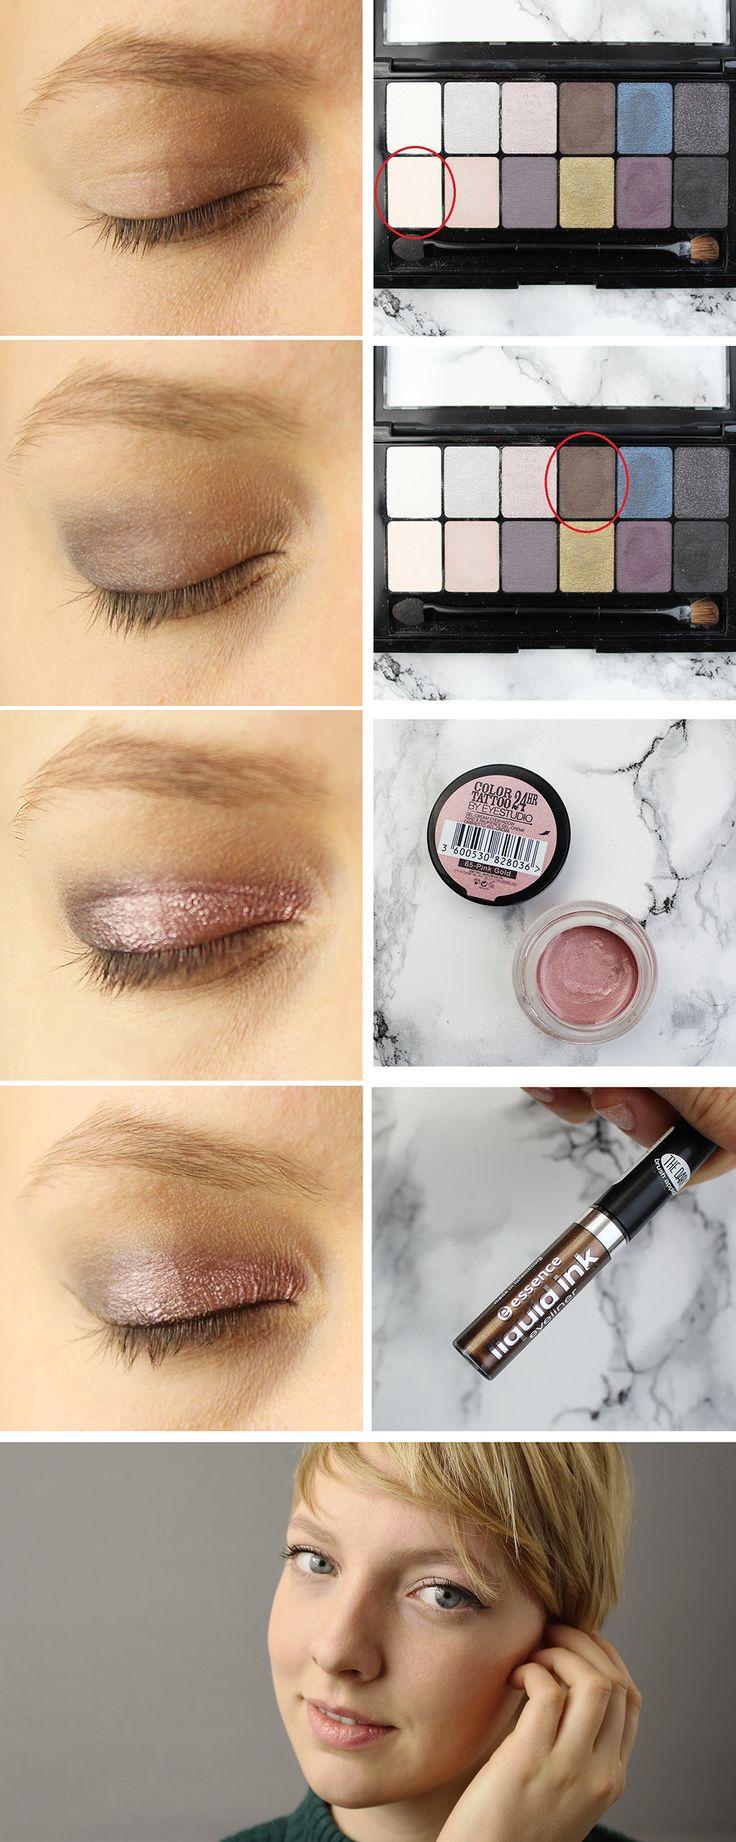 Ein Schimmer-Augenmakeup für's Fest! Wie du den Look schminkst, zeige ich dir auf dem Blog. #schimmer #glitzer #glitter #christmas #xmas #weihnachten #rosa #champagne #blush #makeup #amu #mua #eyes #blue #brown #smokey #shadow #eyeliner #eyeshadow #lidschatten #schminke #anleitung #tutorial